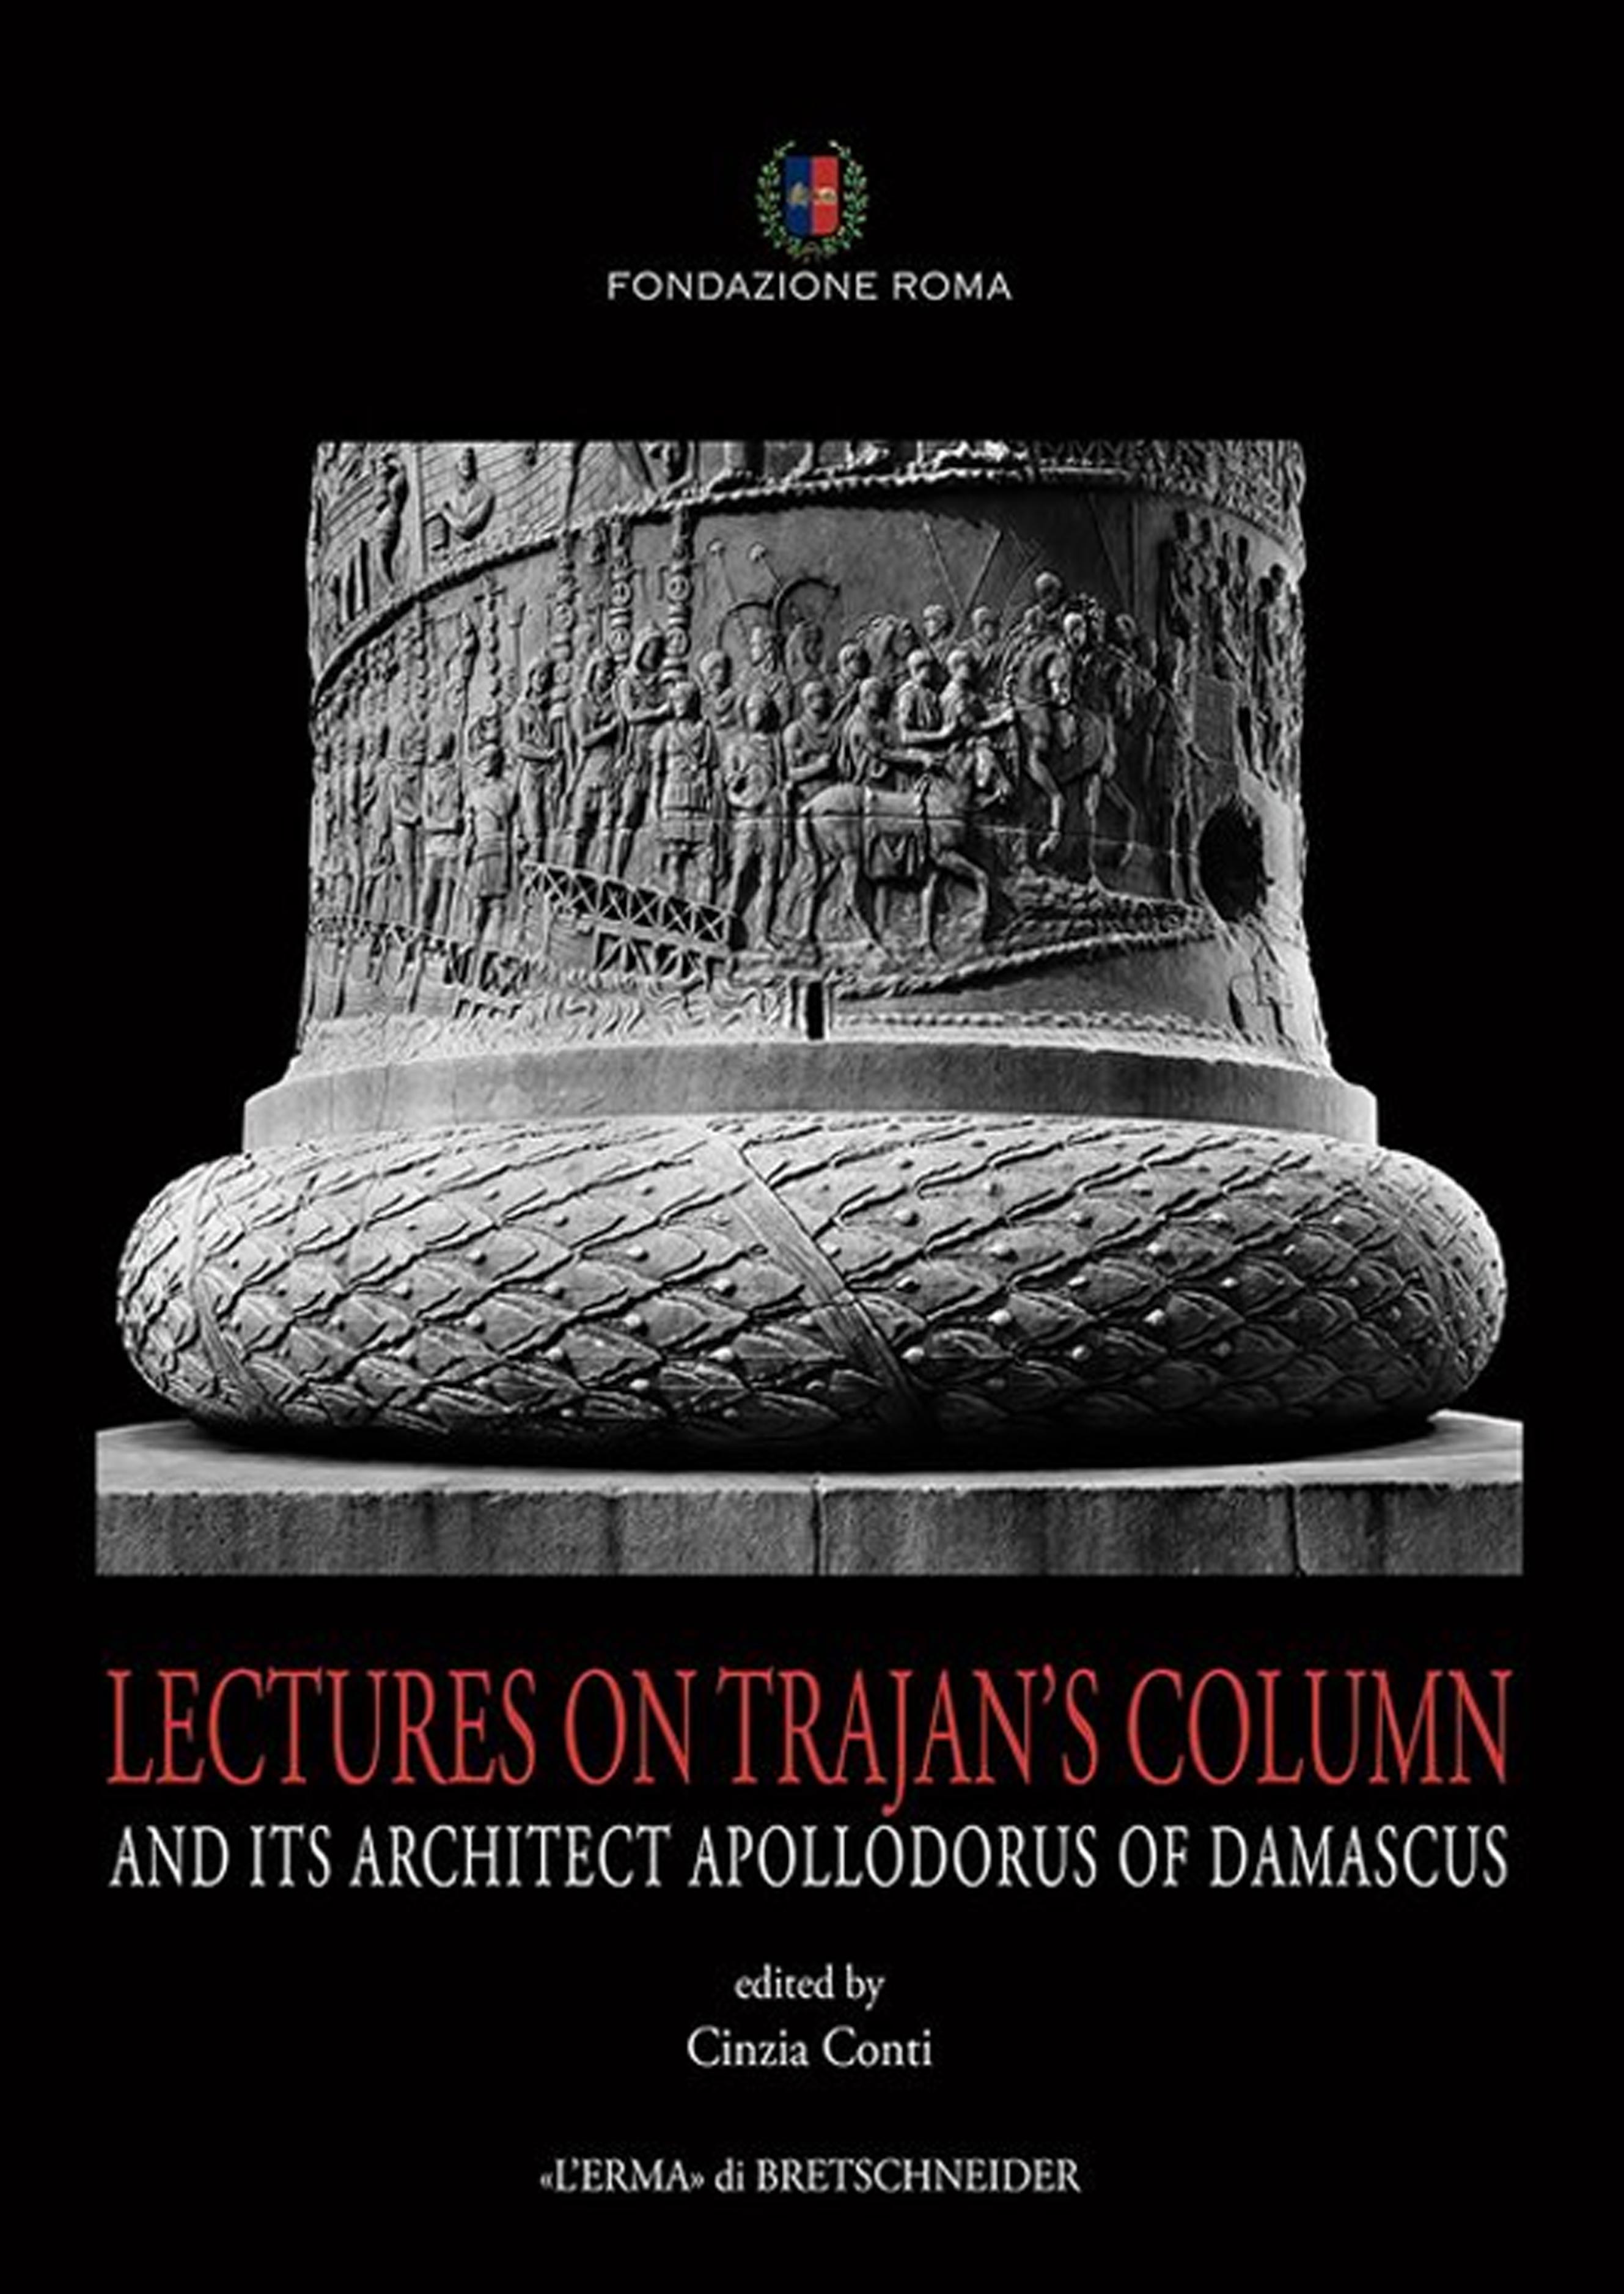 Lectures on Trajan's Column. Saggi sulla Colonna Traiana.